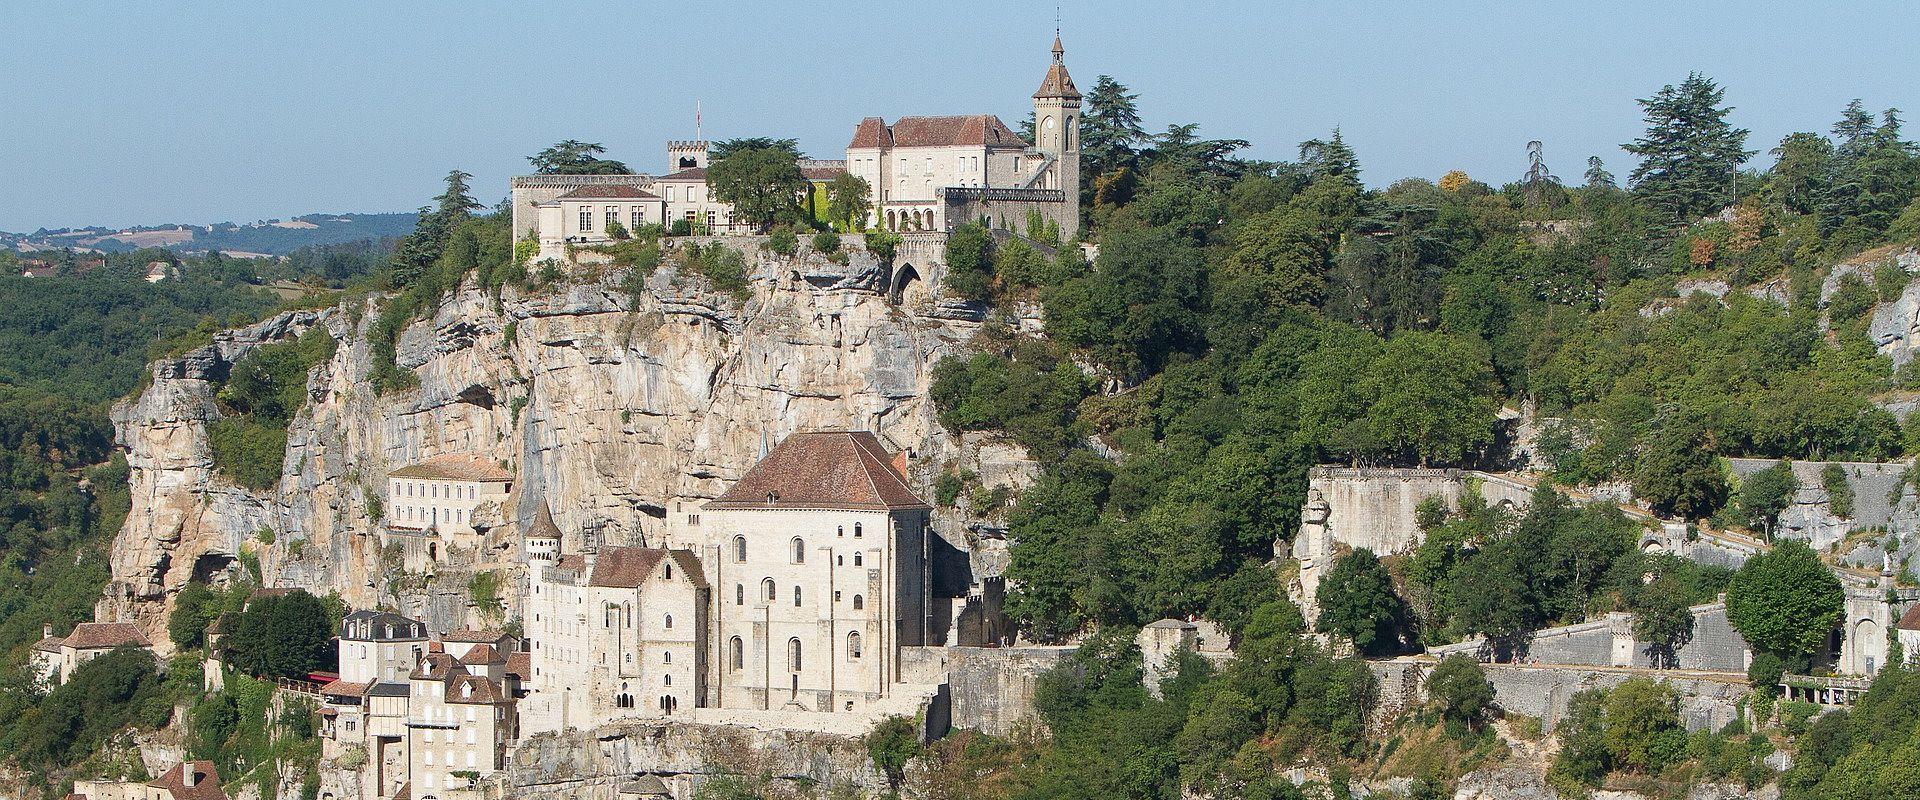 Rocamadour - Image Marc Miraille de Pixabay